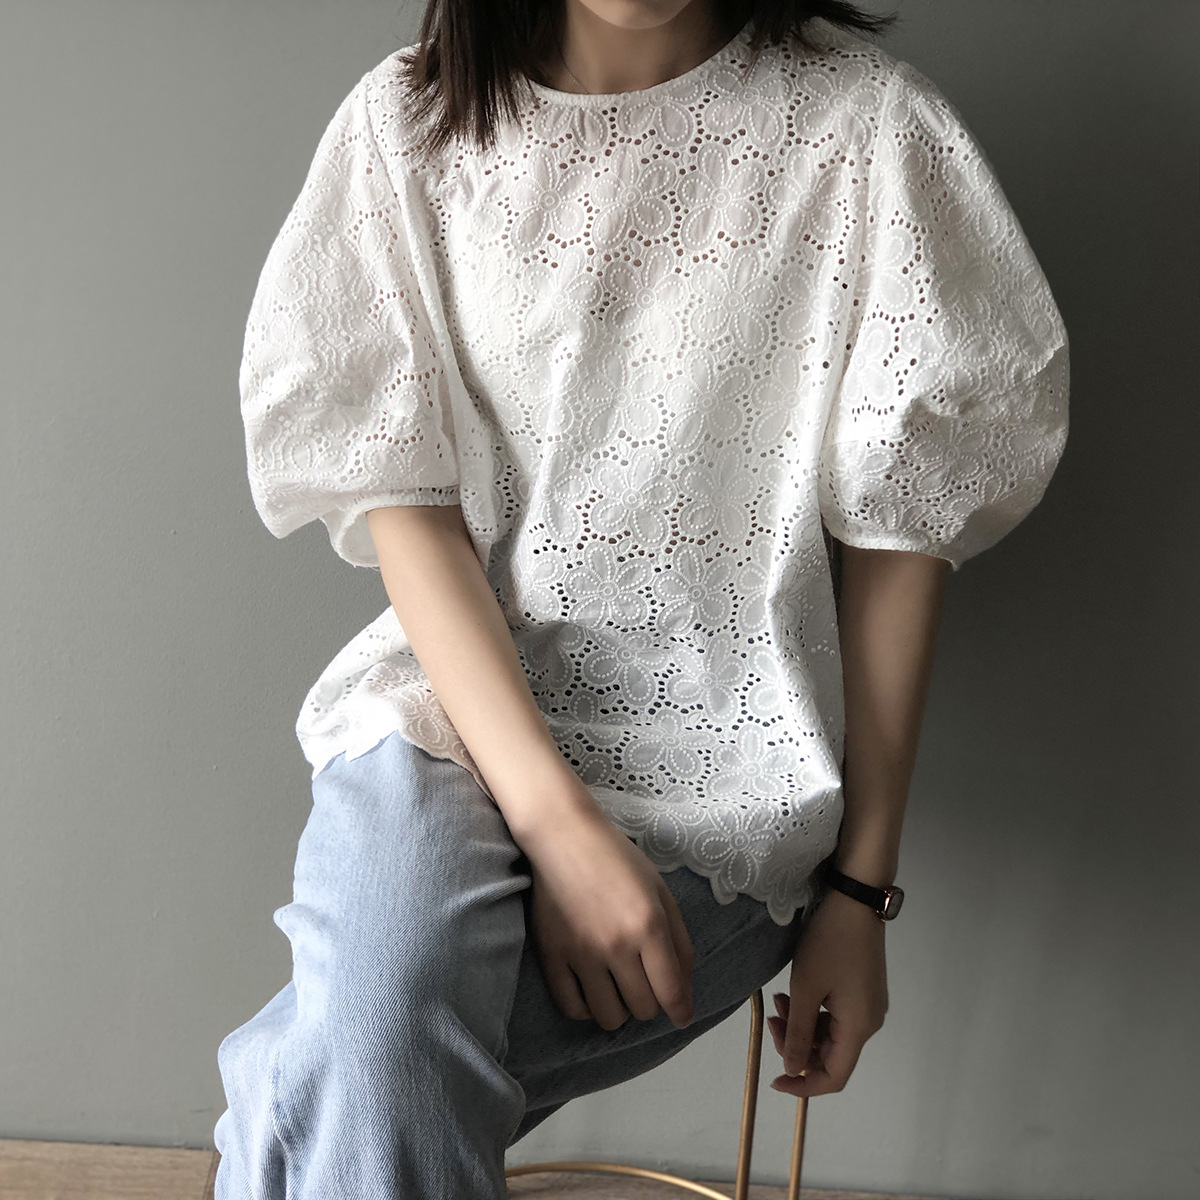 Hoa rỗng cổ tròn áo búp bê nữ phiên bản Hàn Quốc lỏng lẻo đầu bong bóng ngọt ngào tay áo ngọn ren áo thủy triều - Áo sơ mi dài tay